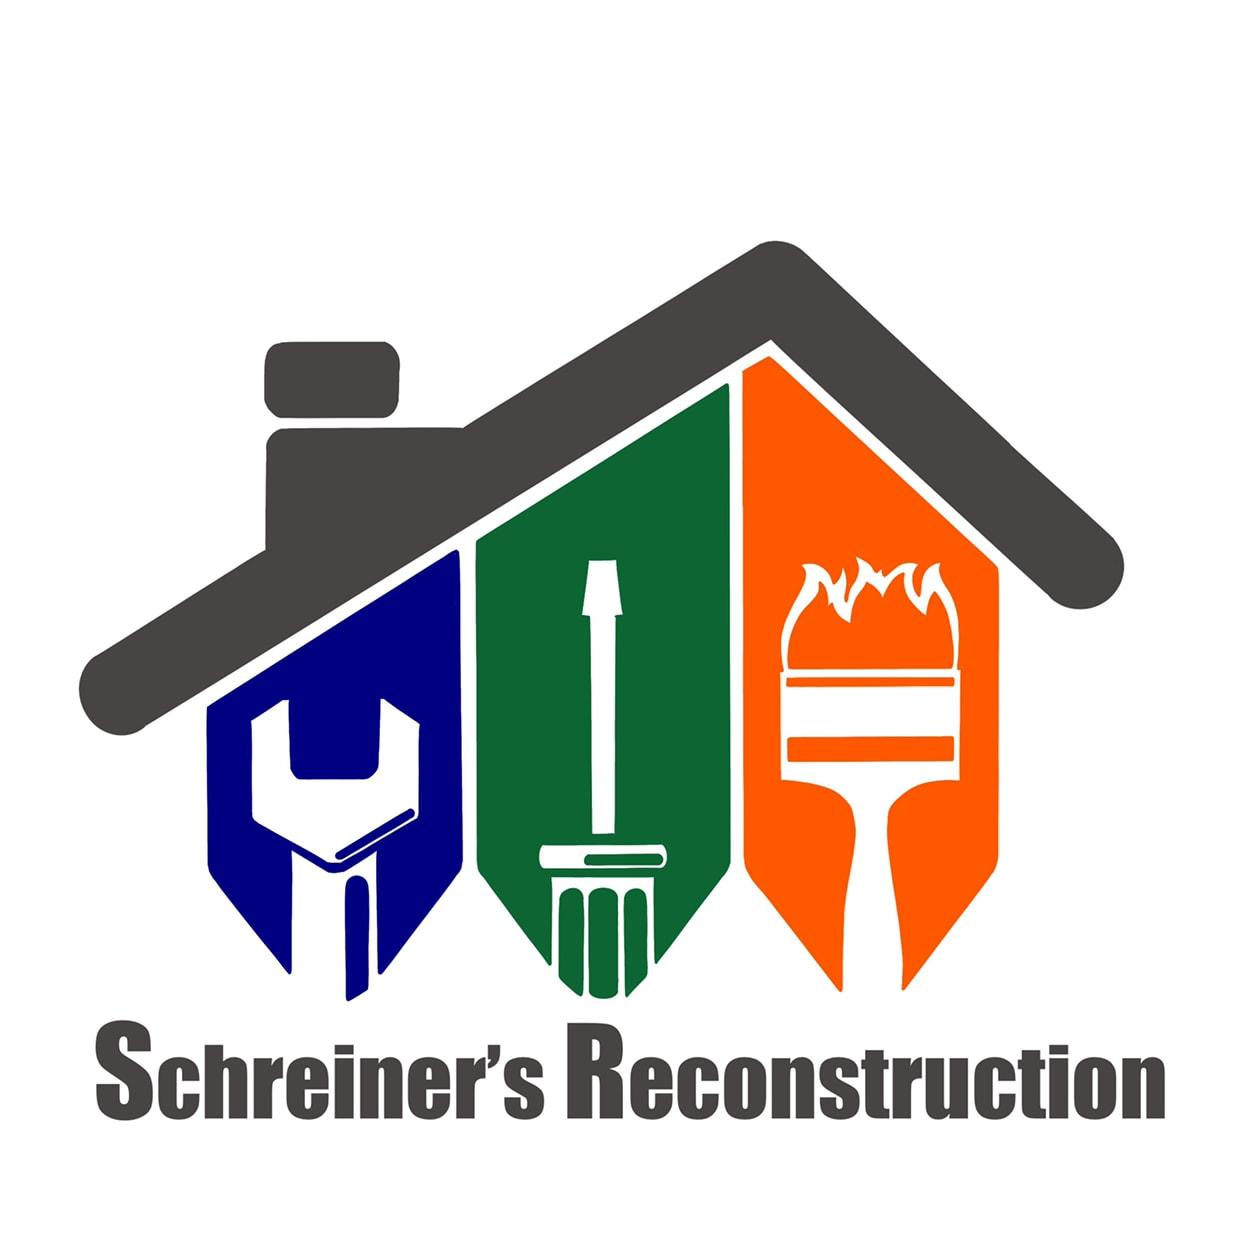 Schreiners Reconstruction